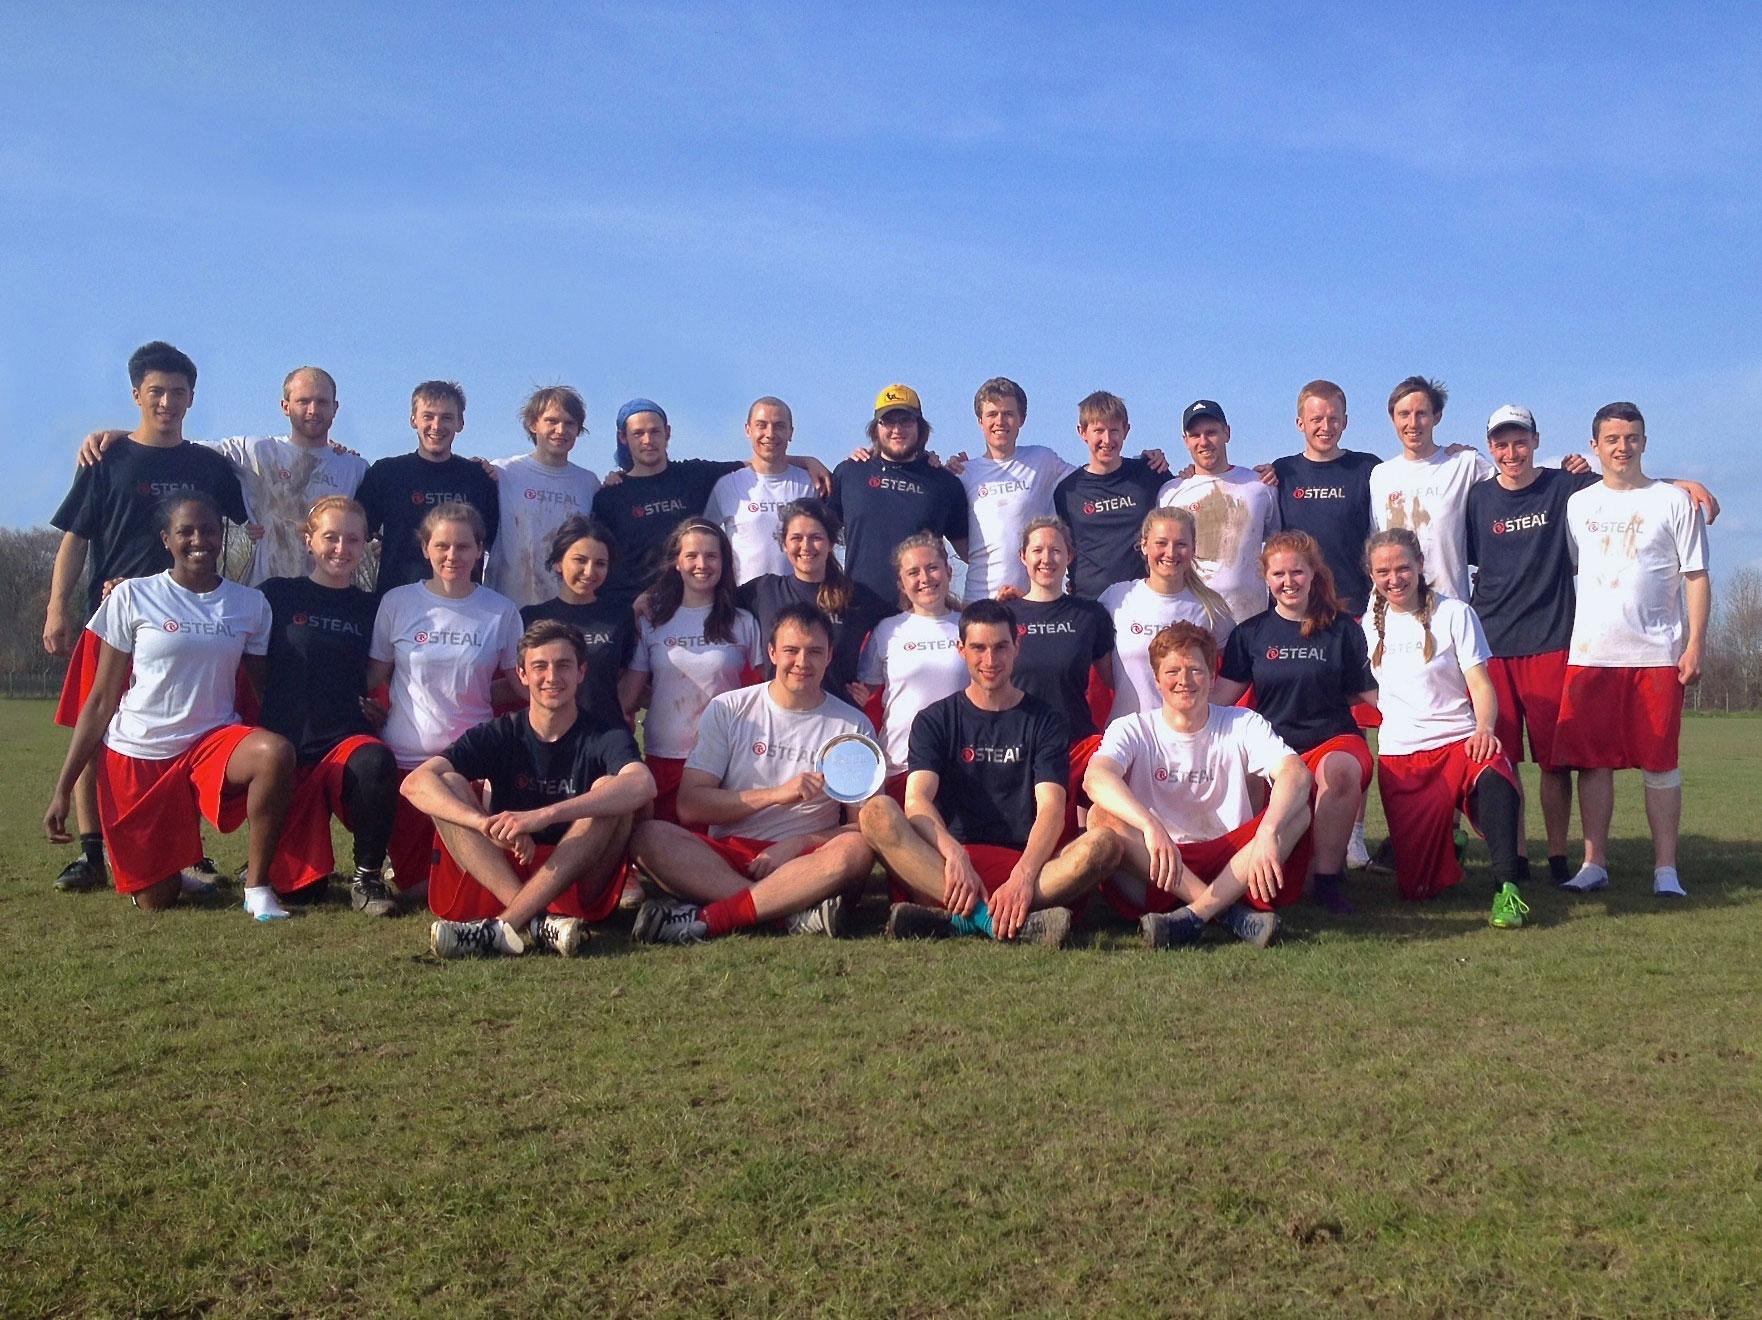 Squad MT1 2014